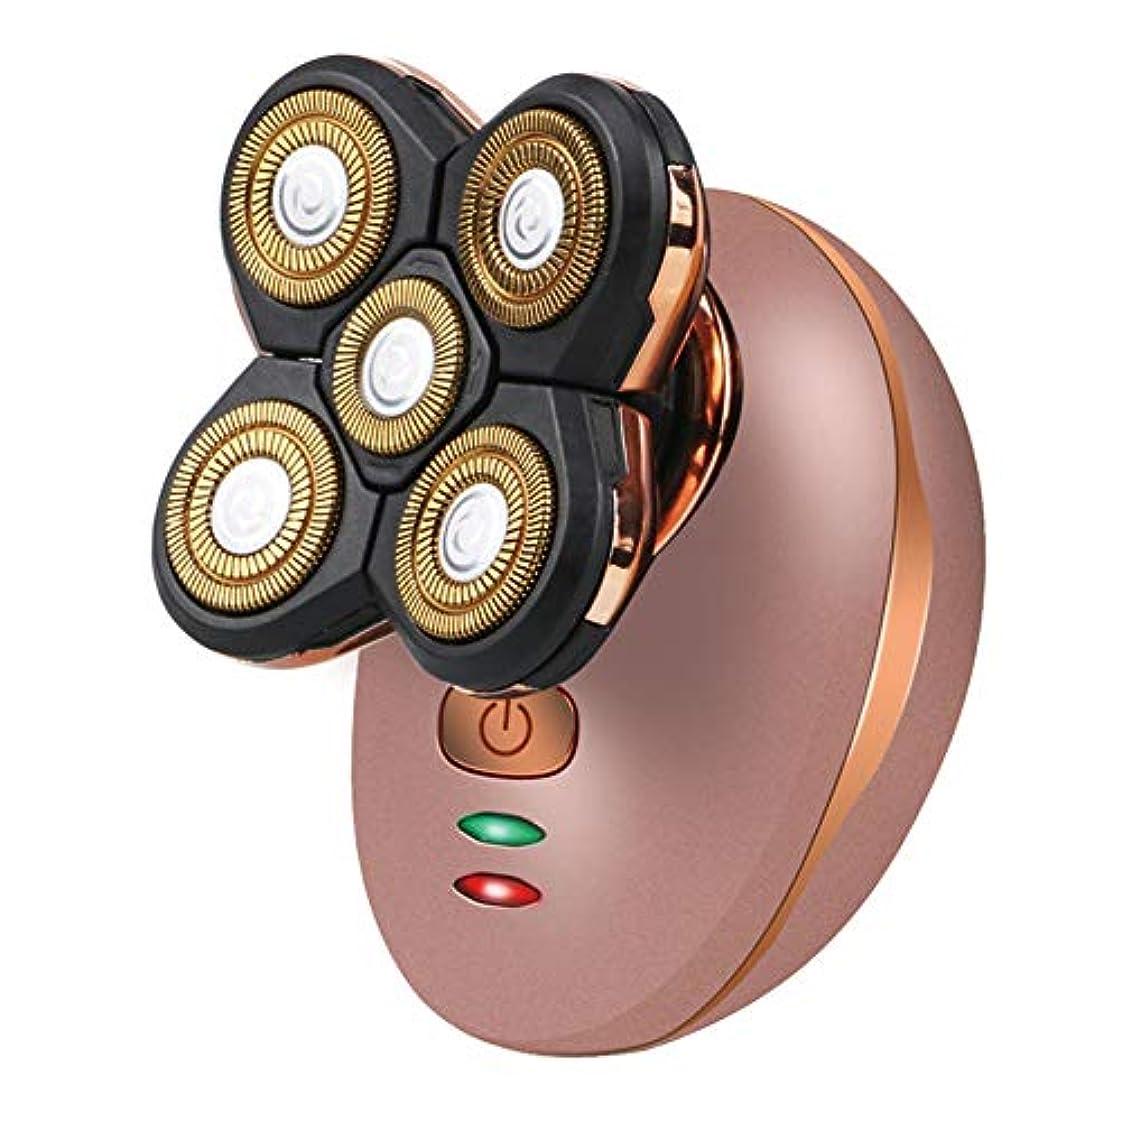 温室小売スツール携帯用完璧なヘッド脚顔のひげ除去剤かみそり、コードレス電気防水かみそり、5フローティングヘッドUSB充電かみそり,Gold